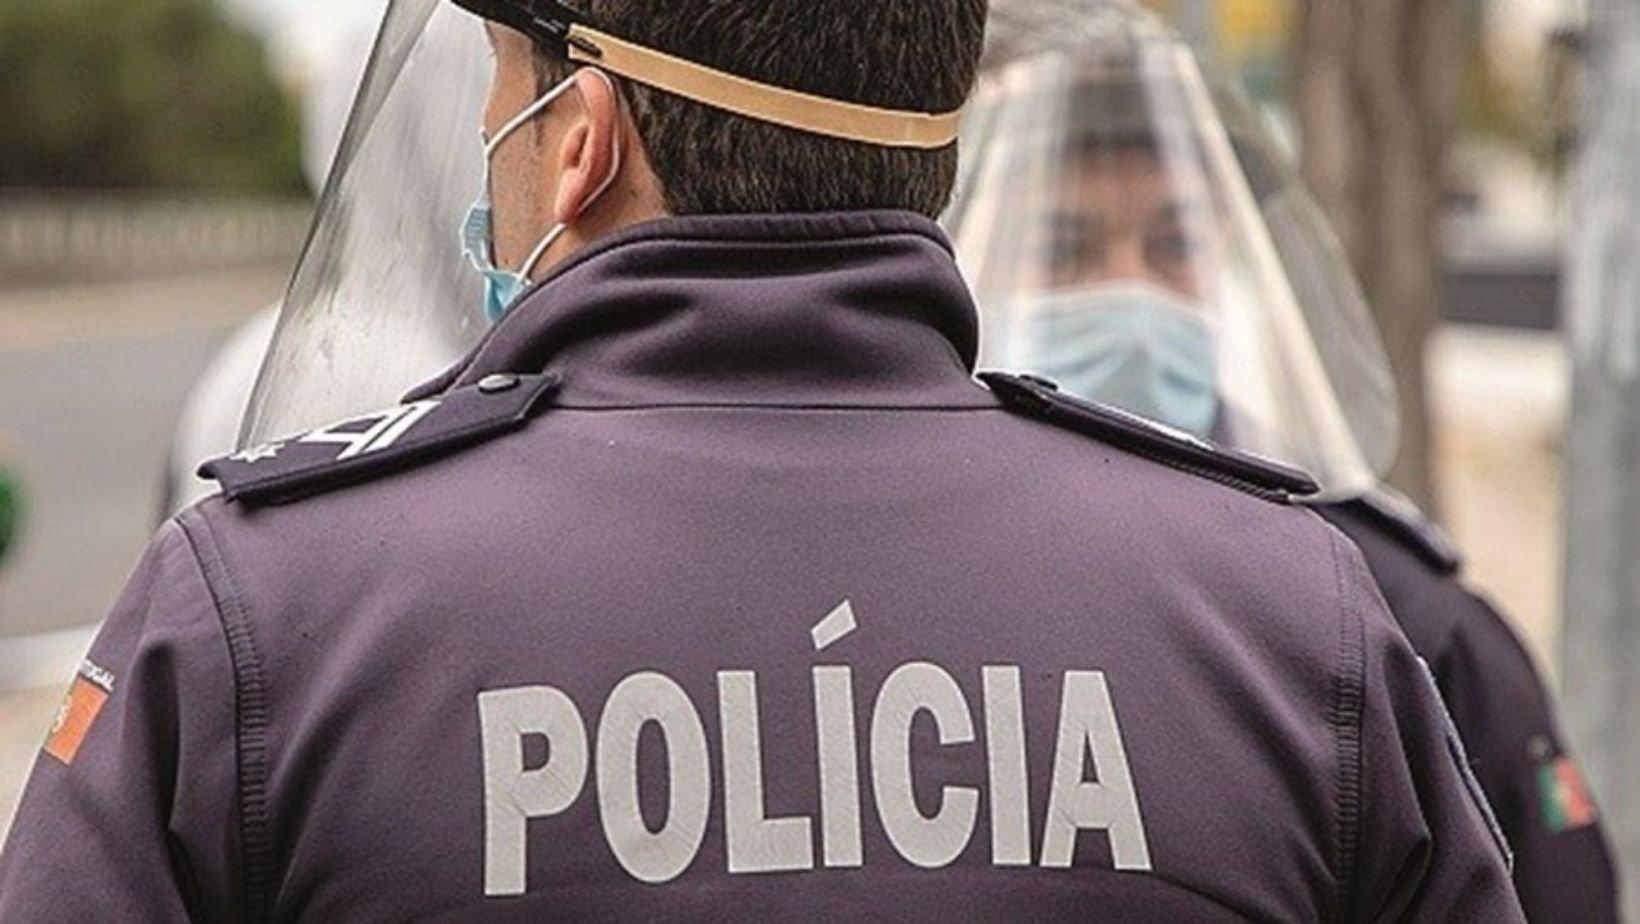 PSP policia fotografia geral